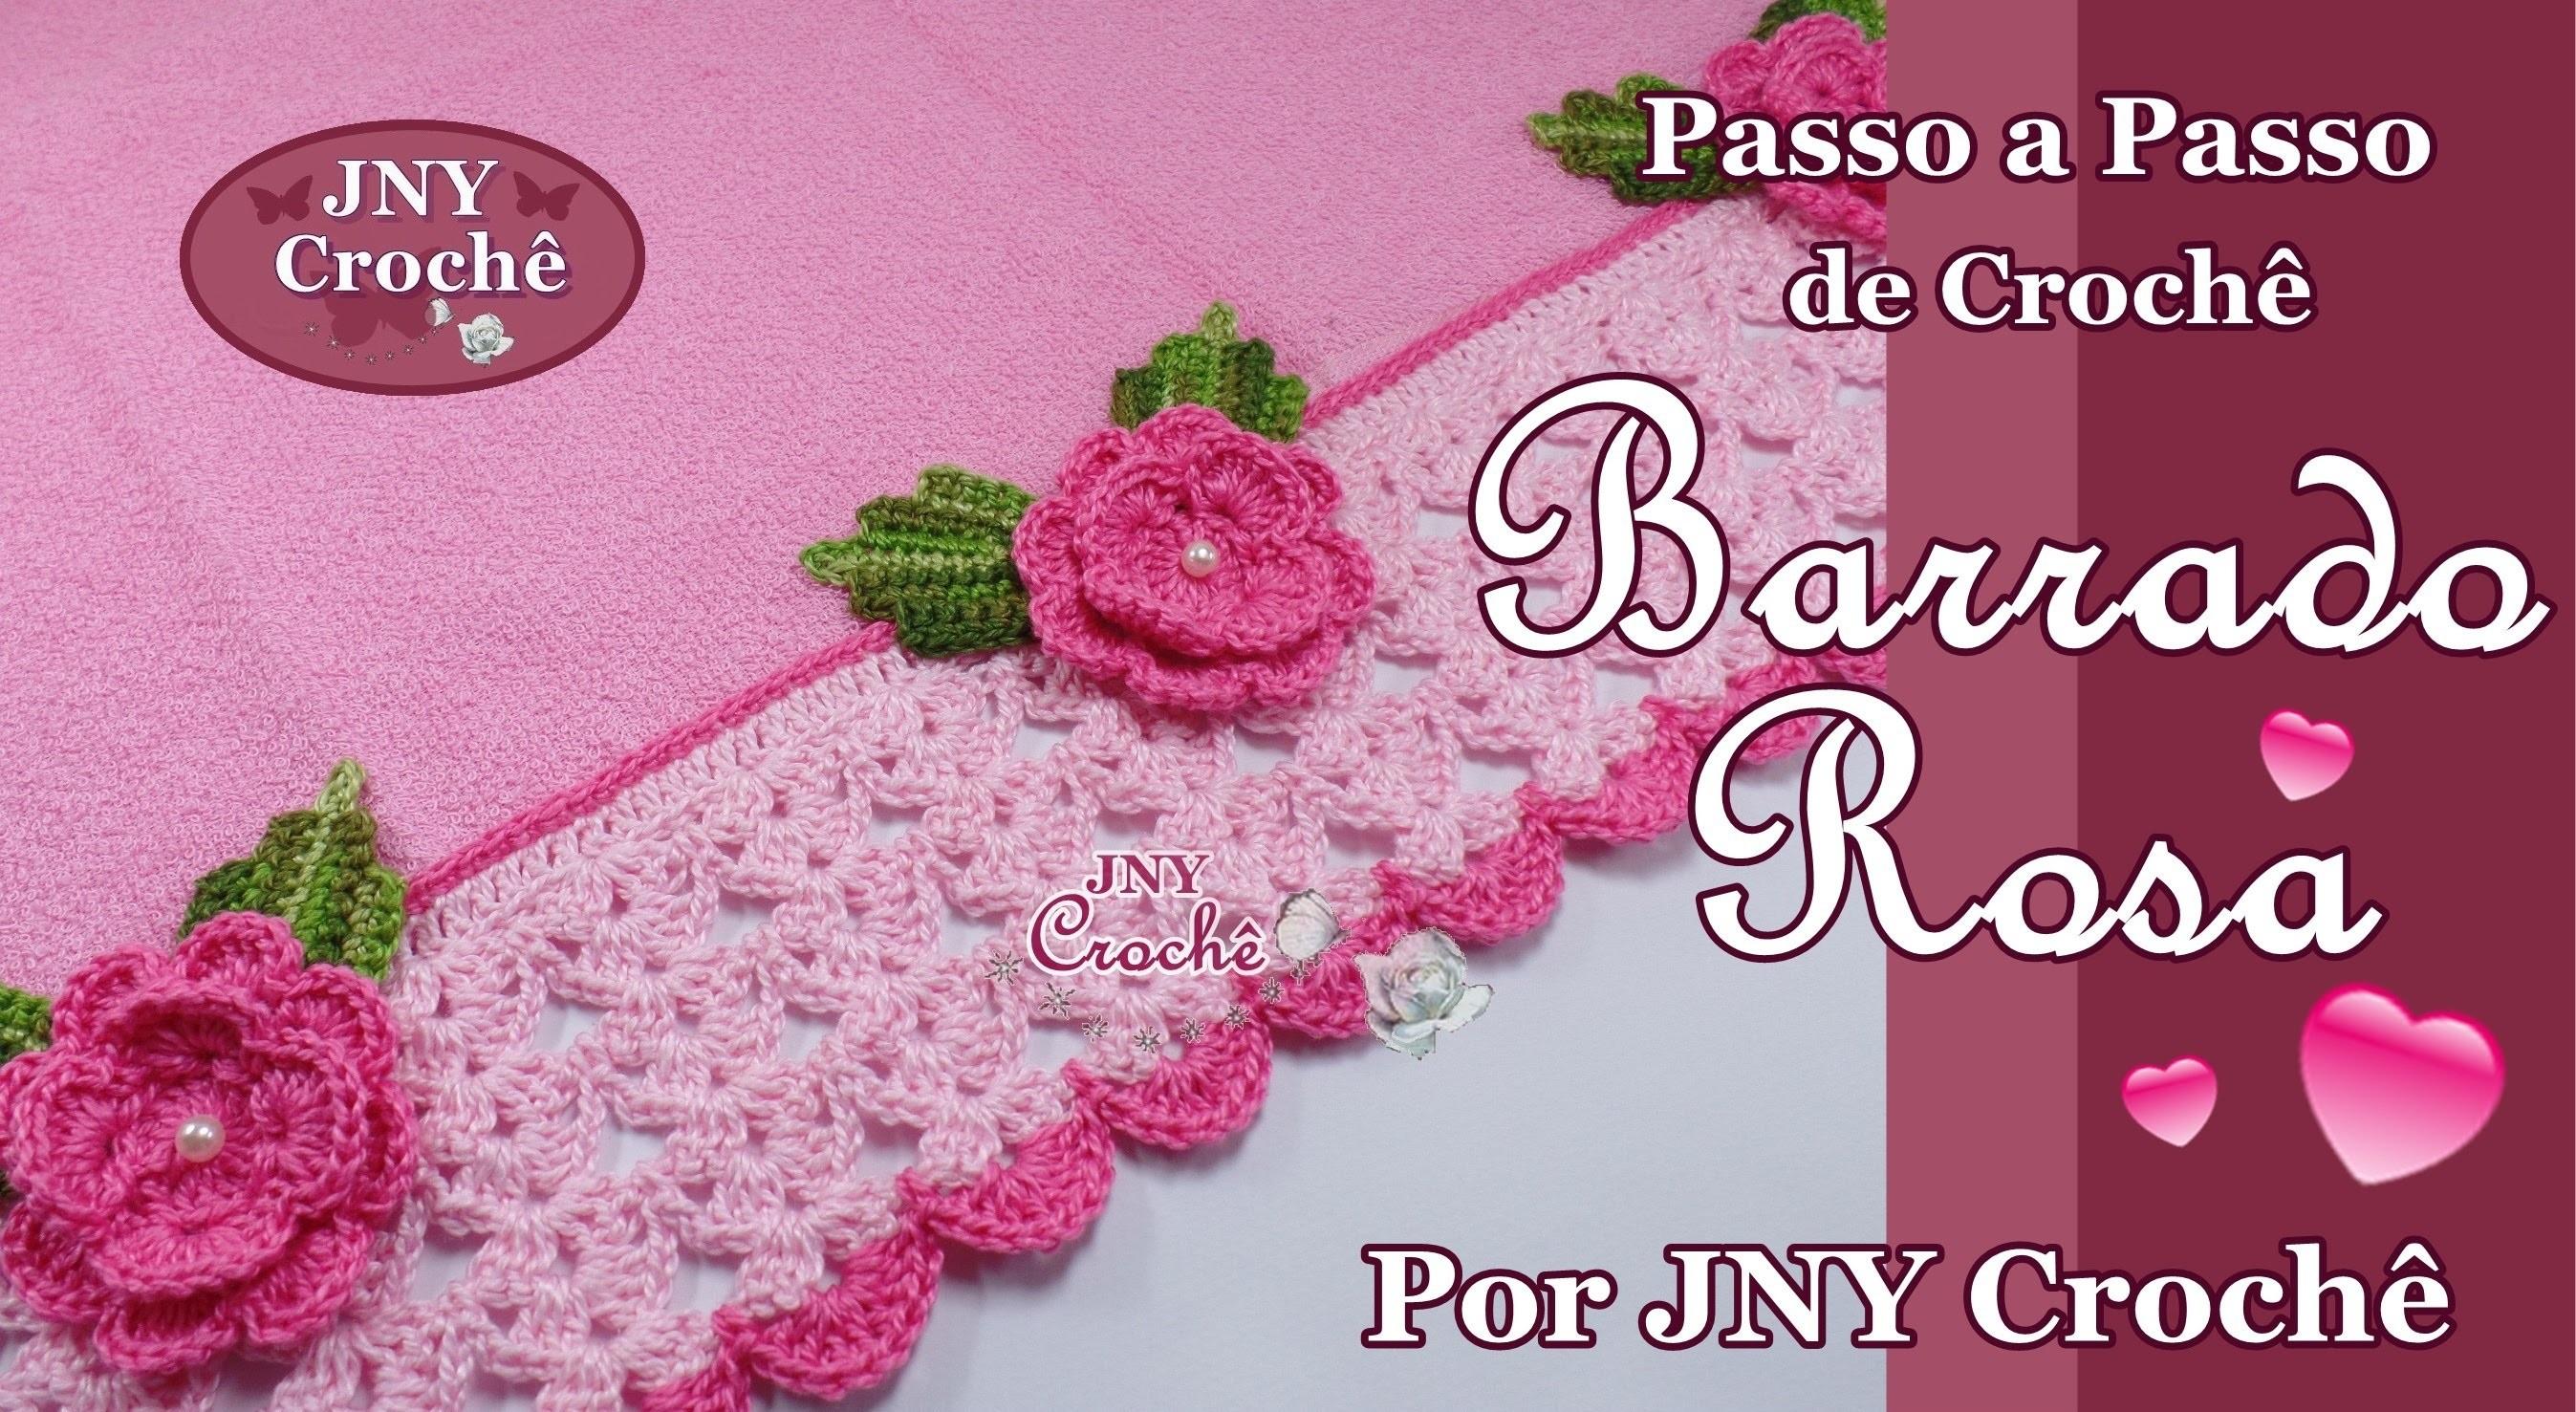 Barrado de Crochê Rosa por JNY Crochê